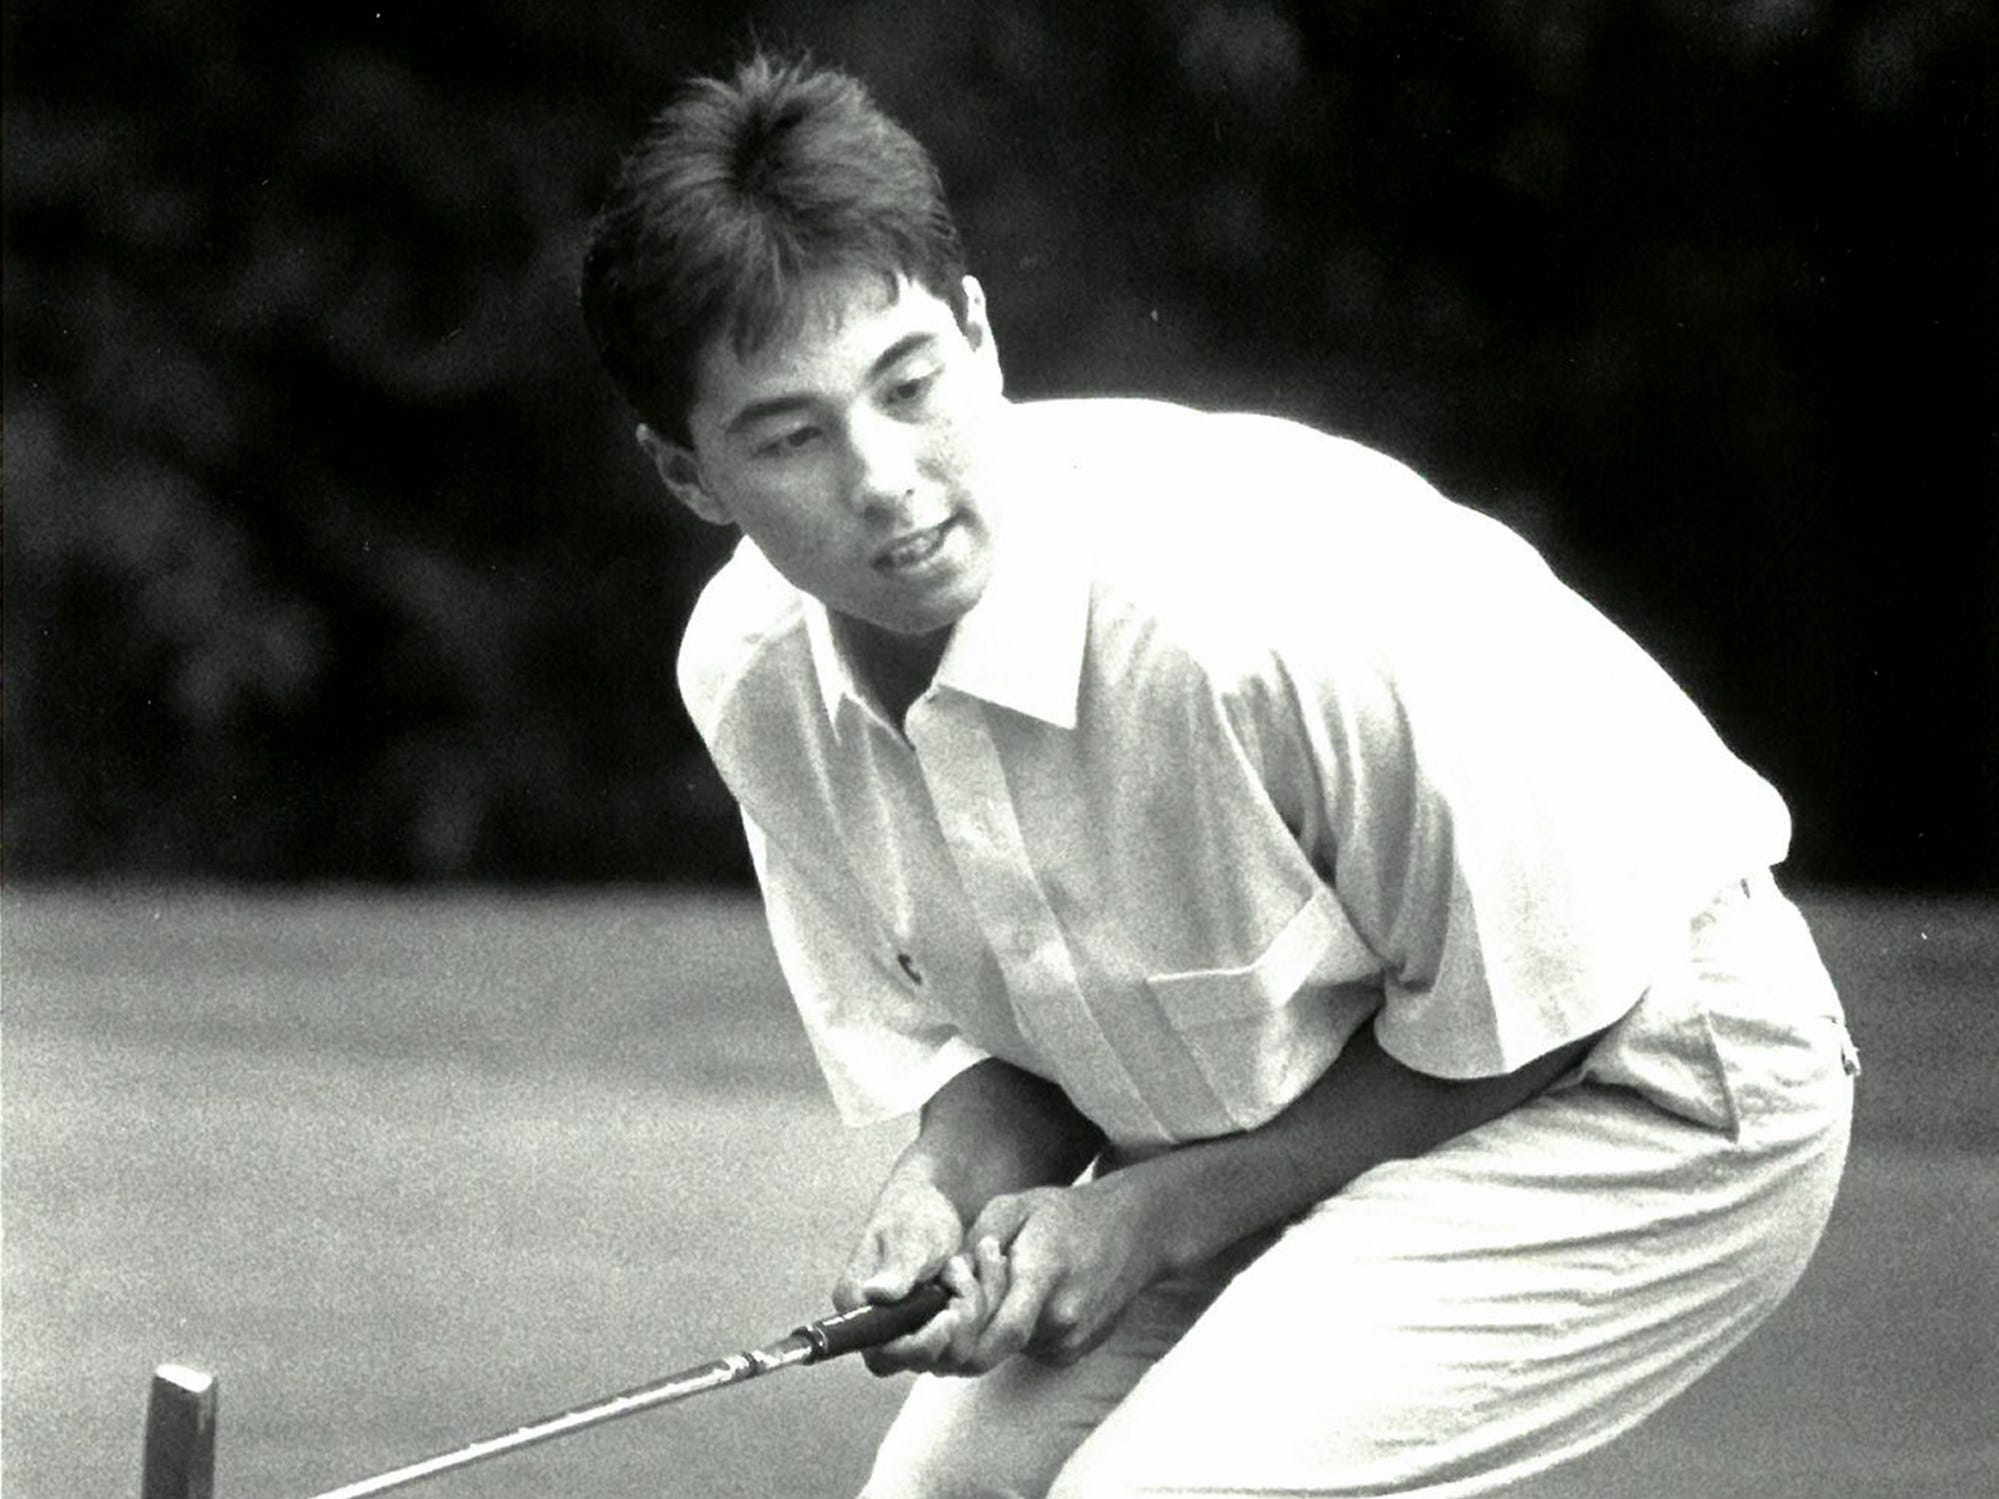 04/21/88Olympic's Roger O'Hara